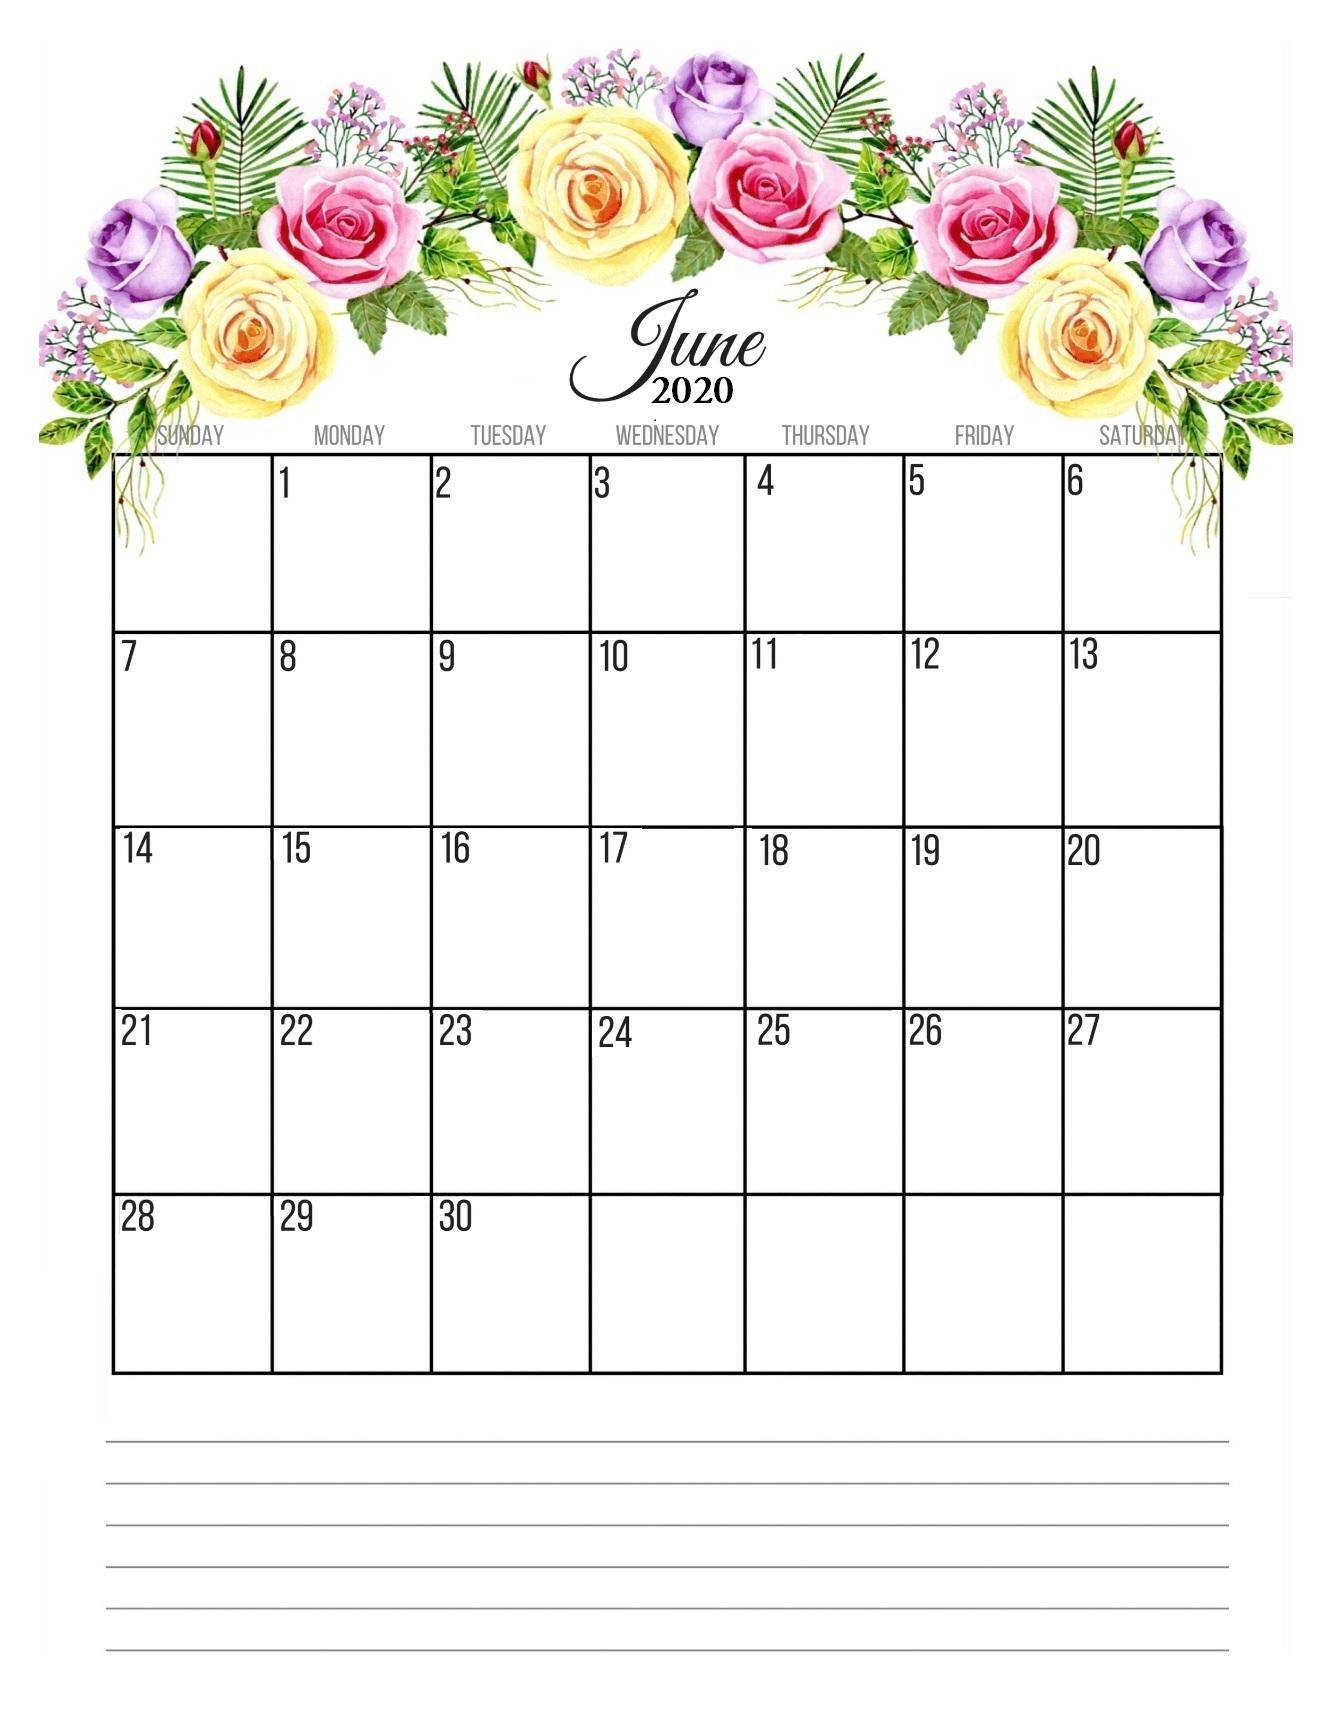 June 2020 Floral Wall Calendar